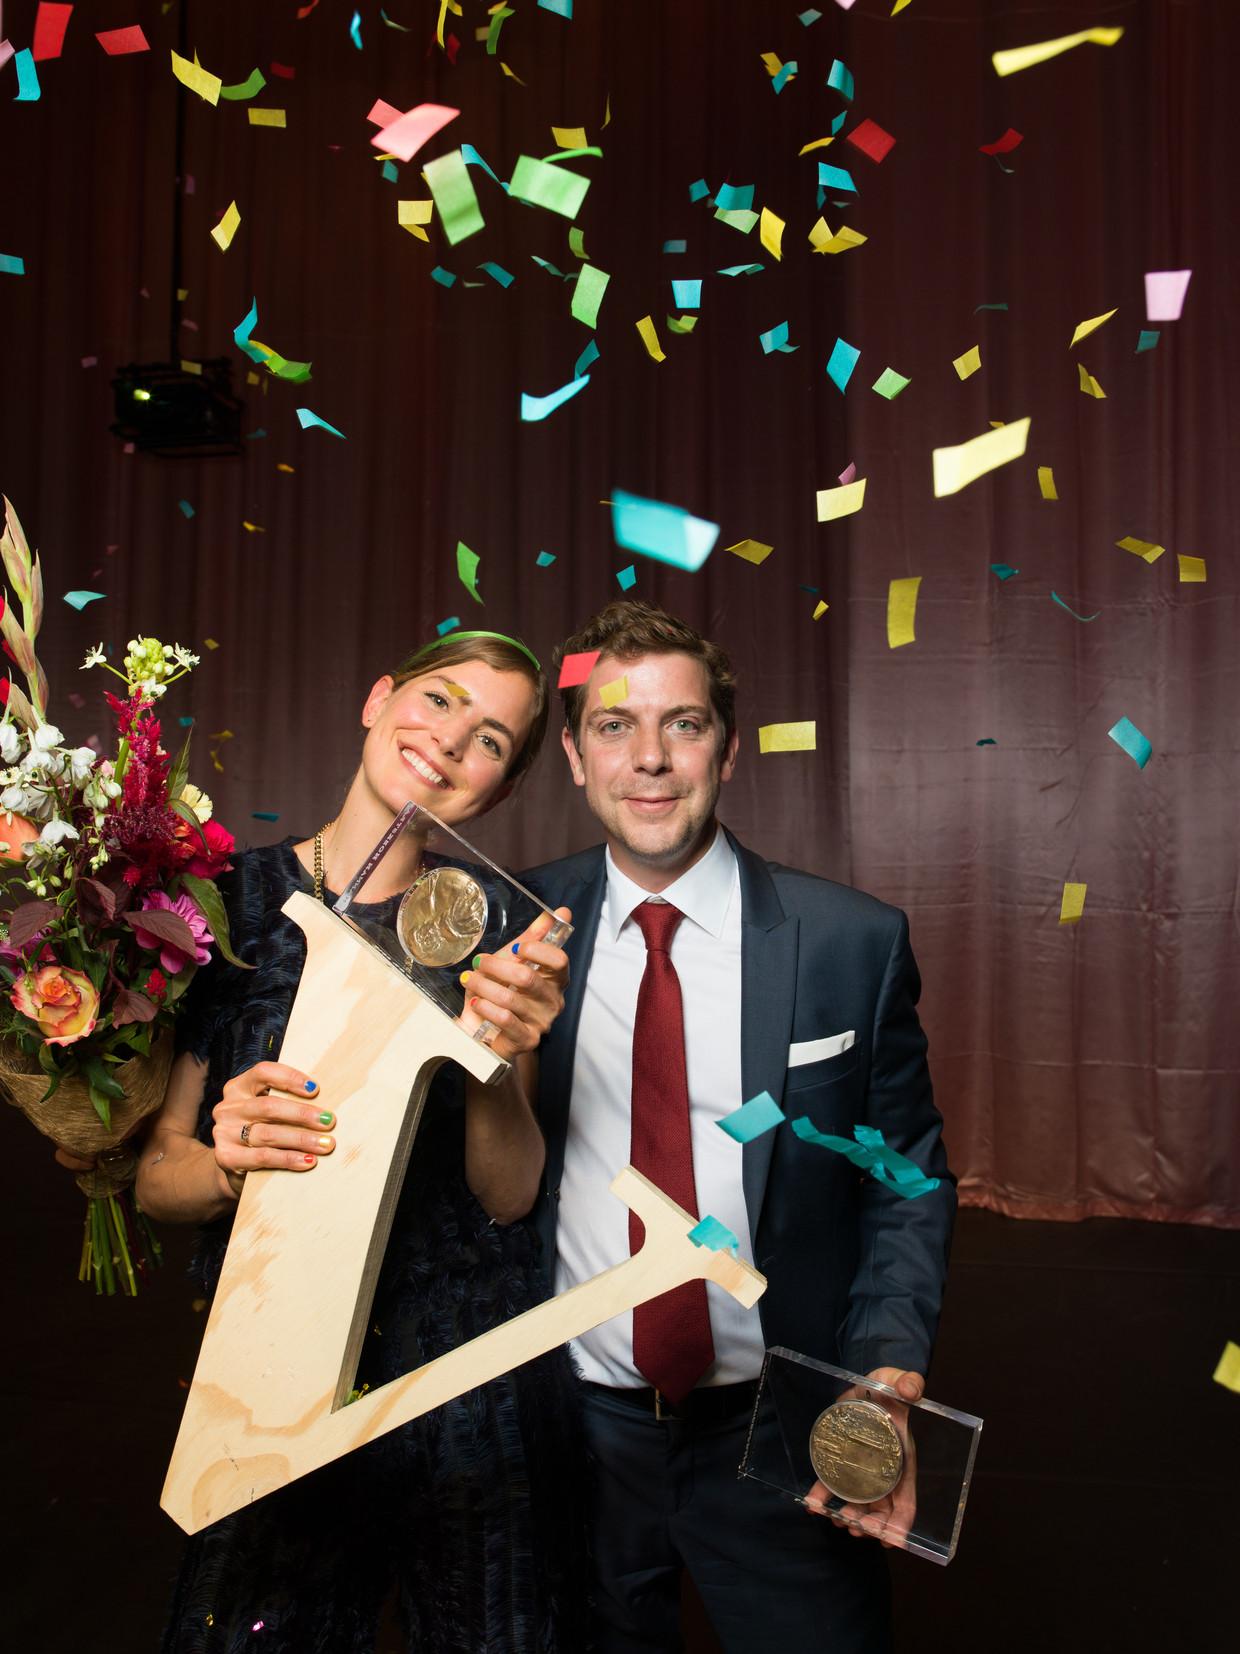 Winnaars Hannah Hoekstra en Ramsey Nasr.